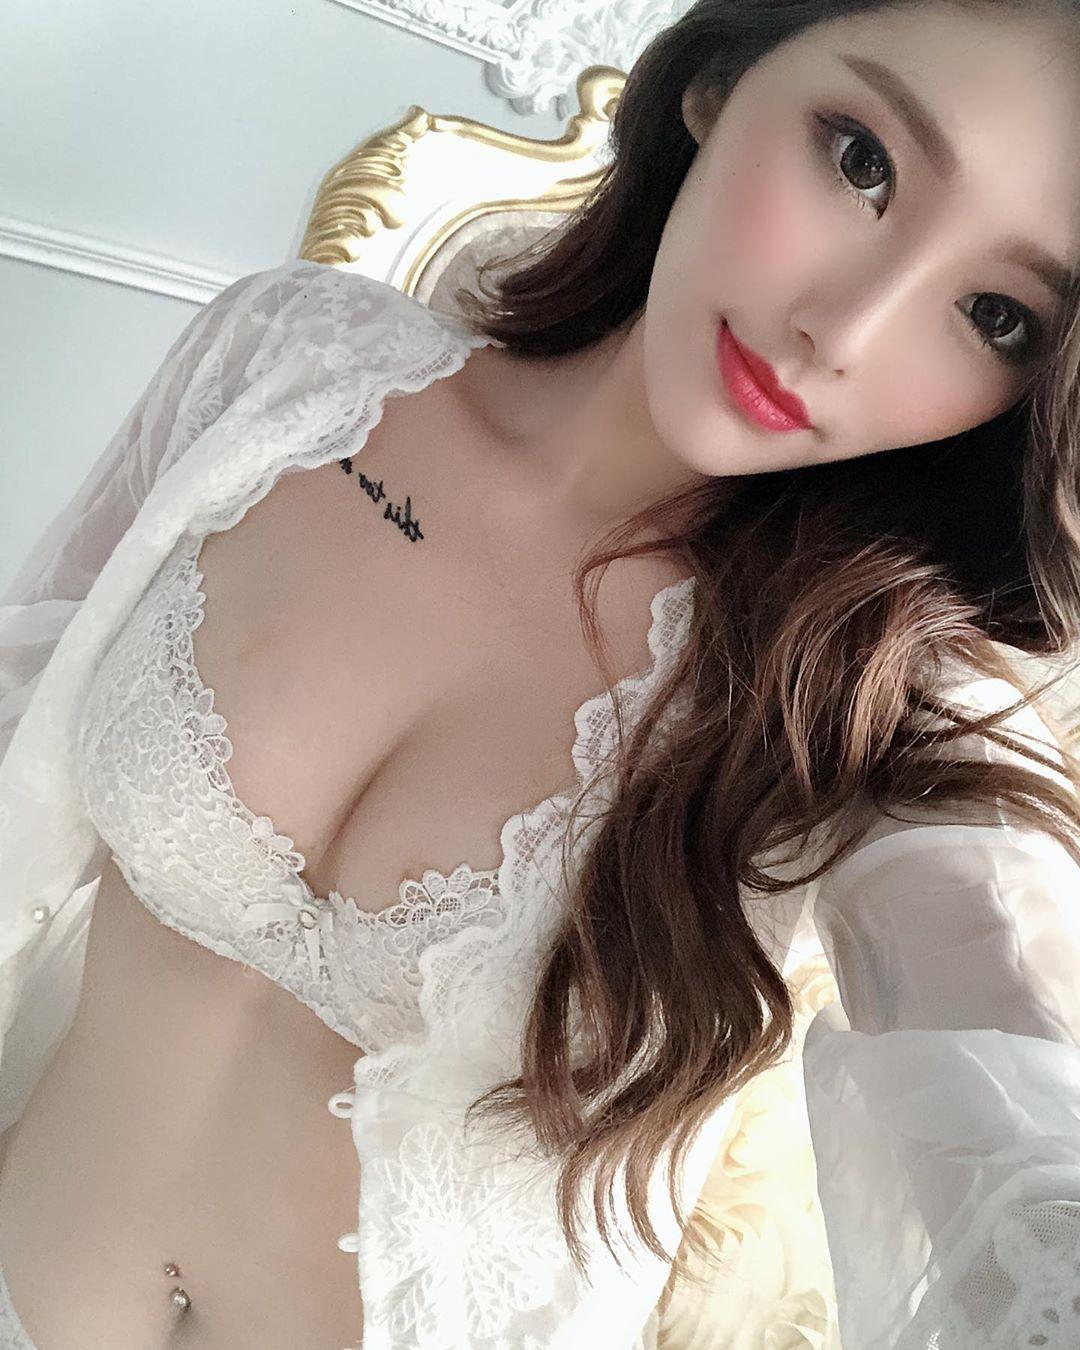 火辣模特妮莎Nisa销魂人字沟性感美体让人无法招架